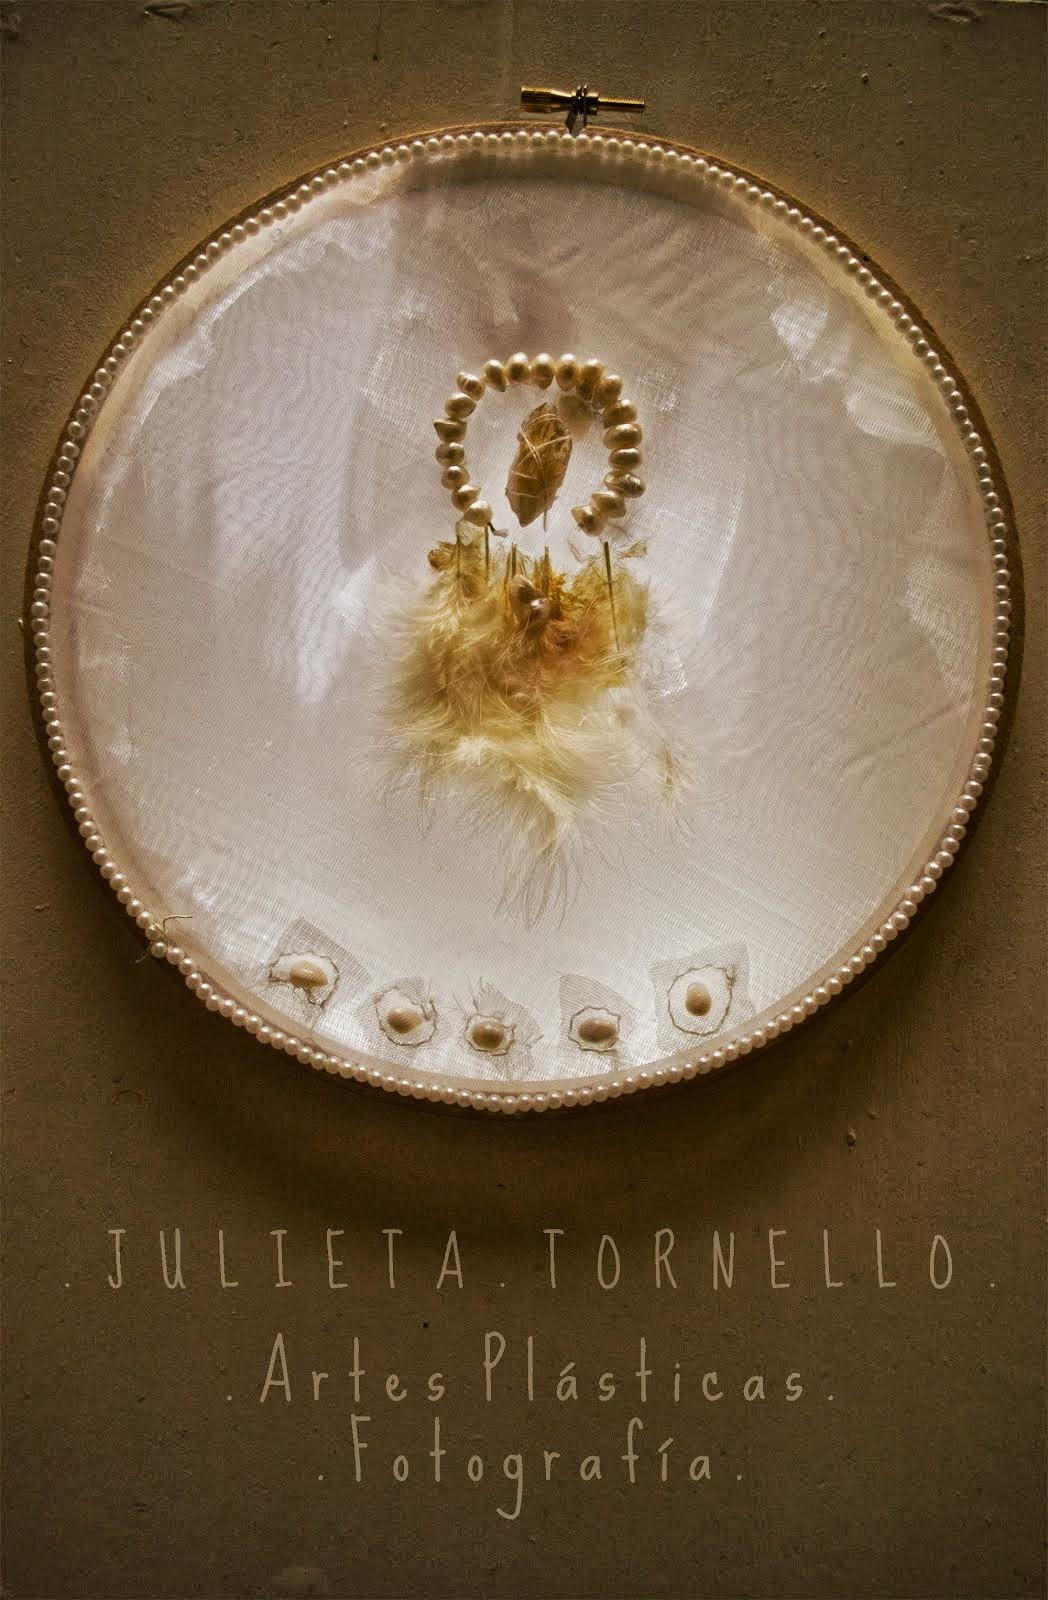 Julieta Tornello Fotografía y Artes Plásticas